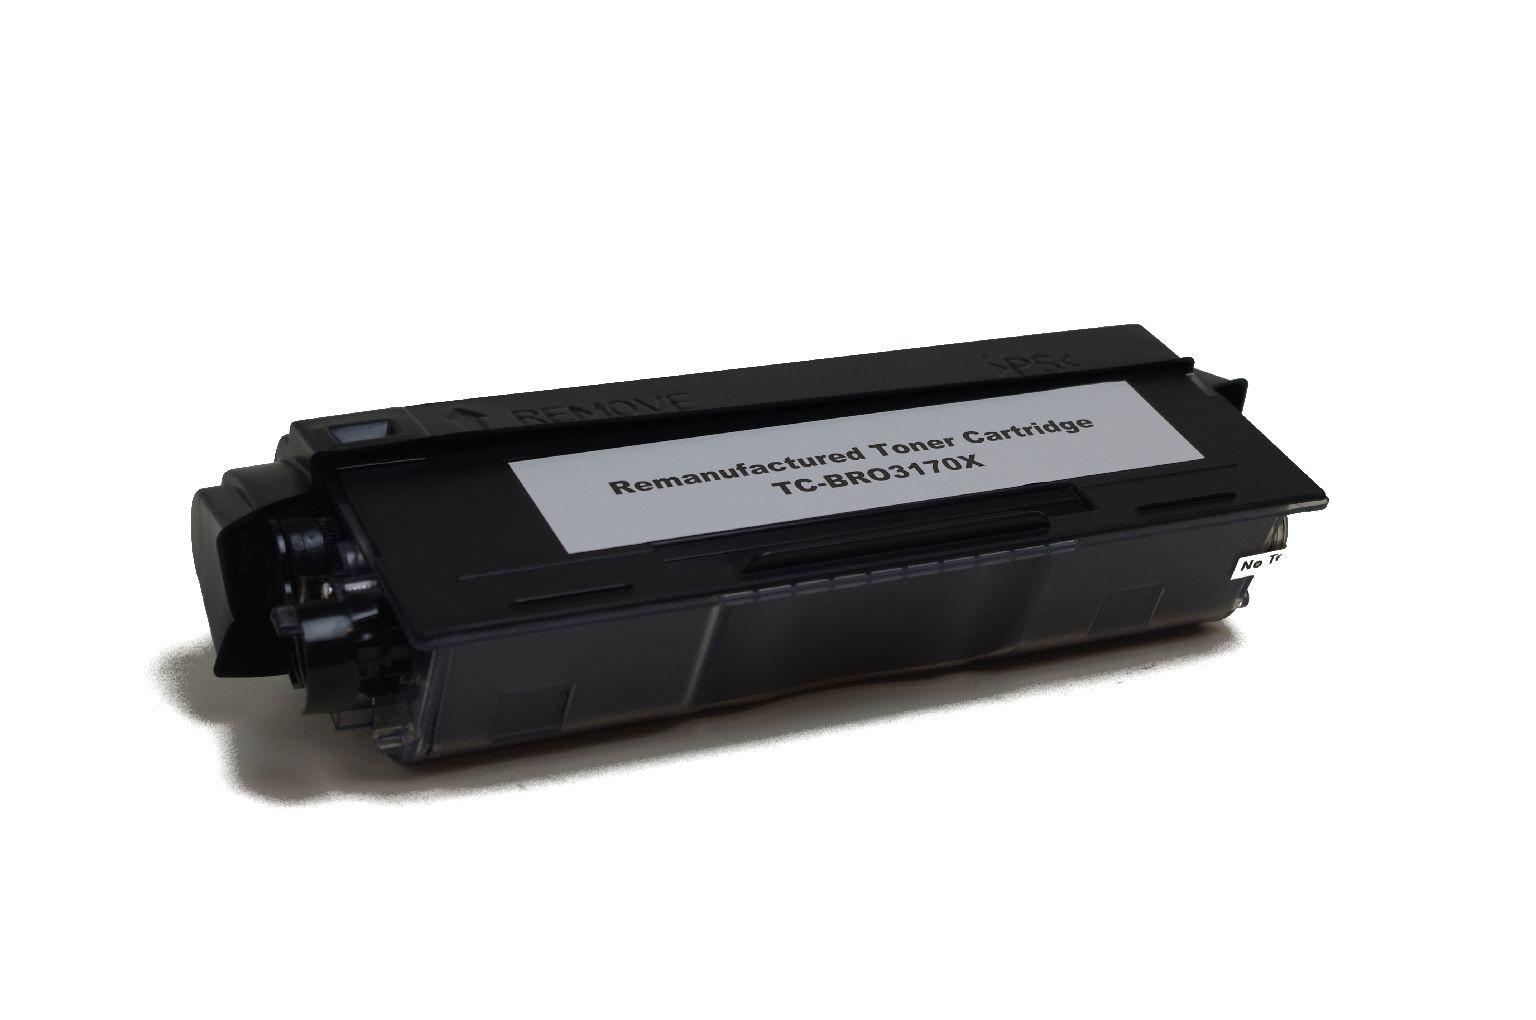 Cartucho de toner (alternativo) compatible a Brother - TN3280 / TN 3280 - HL 5340 / HL 5350 / 5370 / 5380 / MFC 8370 DN / 8380 DLT / DN / 8880 DN / 8890 DW / DCP 8070 D / 8085 DN / 8880 DN / 8890 DW // X-Version 12.000 páginas